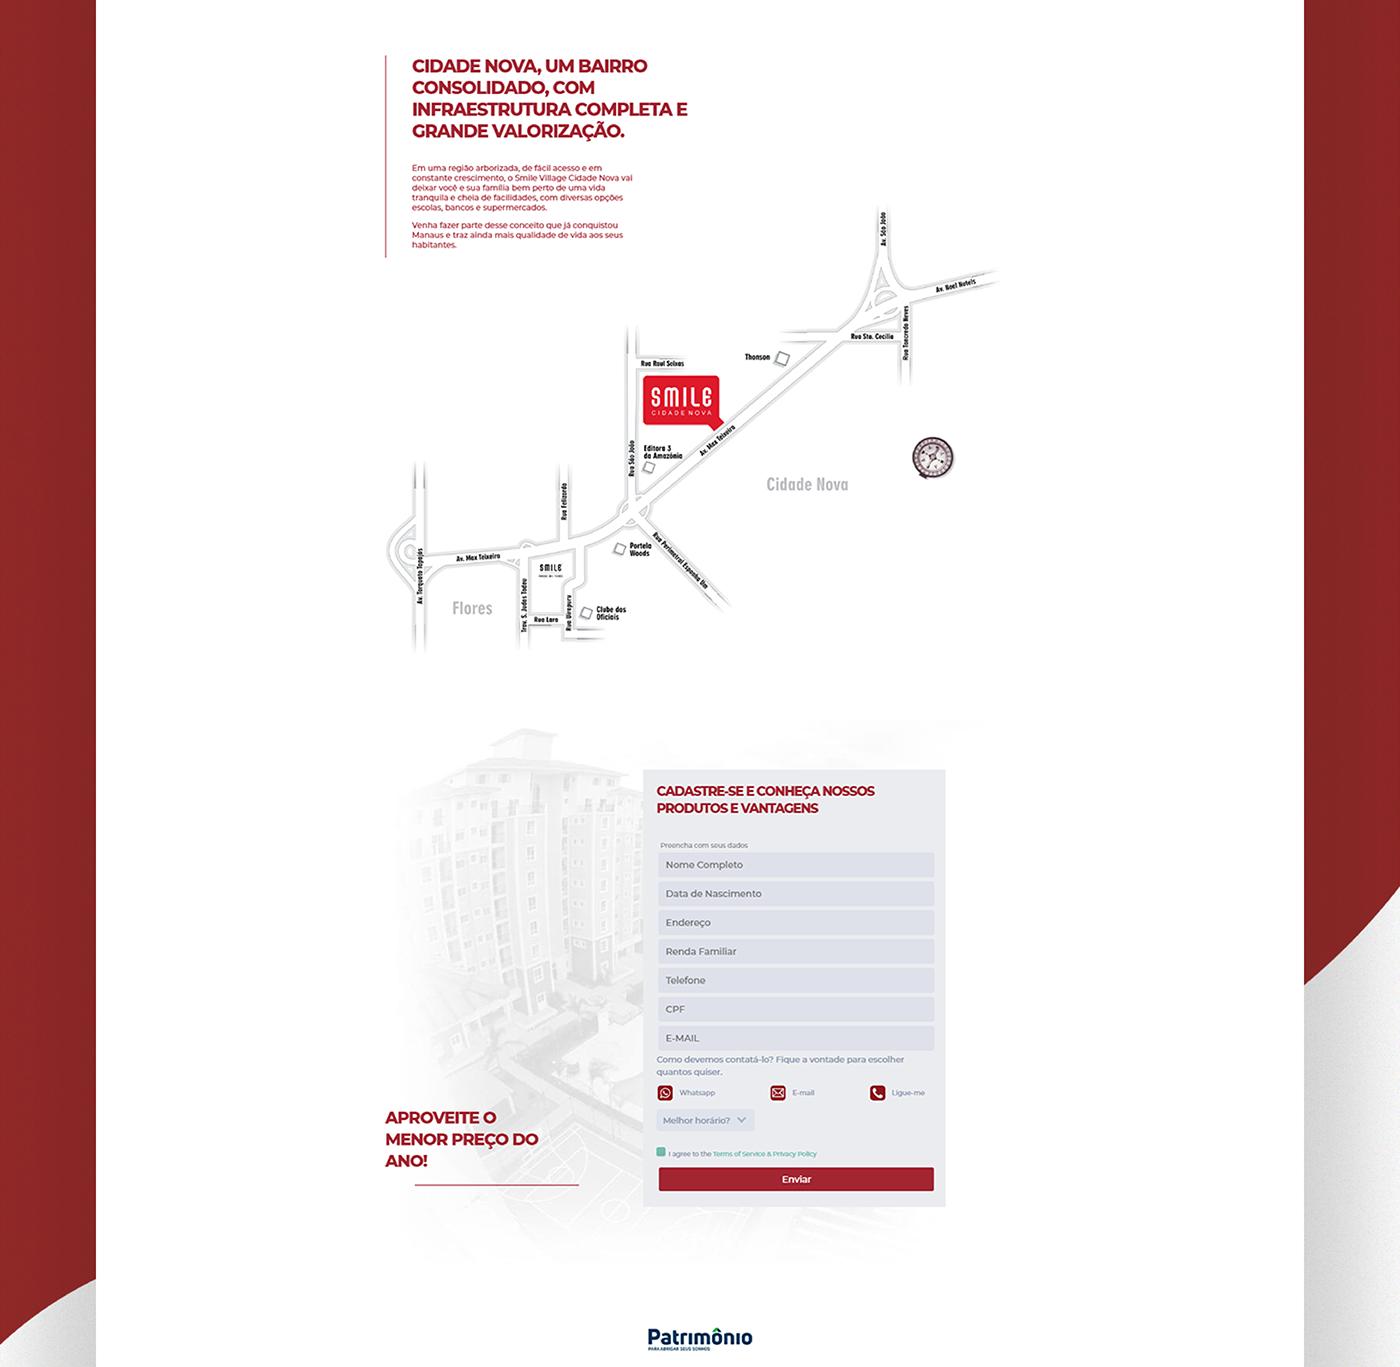 landing page Smile Cidade Nova smile Web Design  patrimônio manaus manaus ux UI Web site